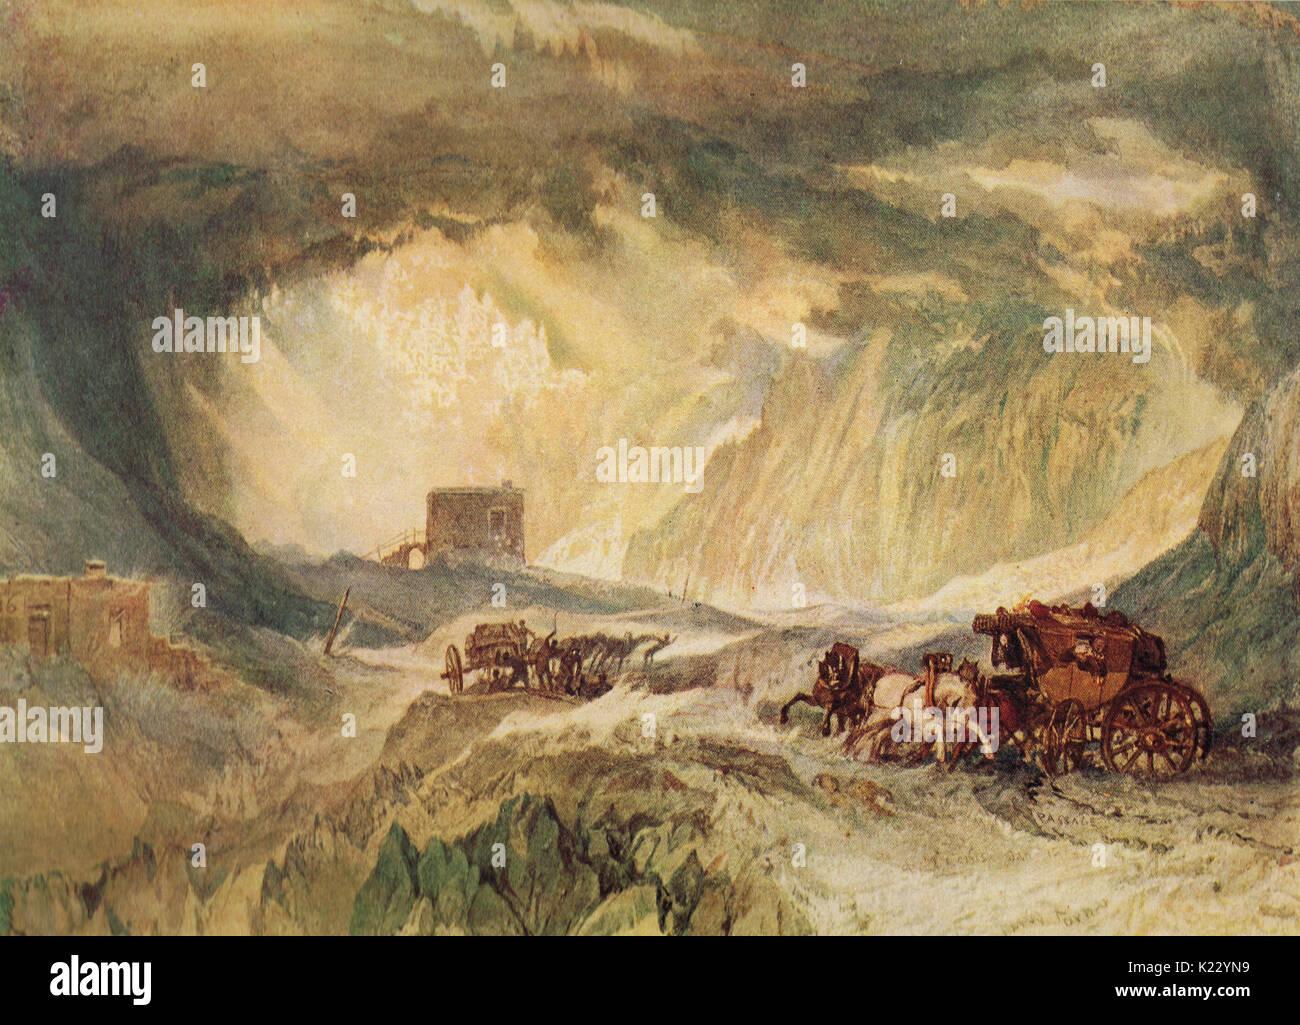 Passage des Mont Cennis von J M W Turner, 1820 Stockbild